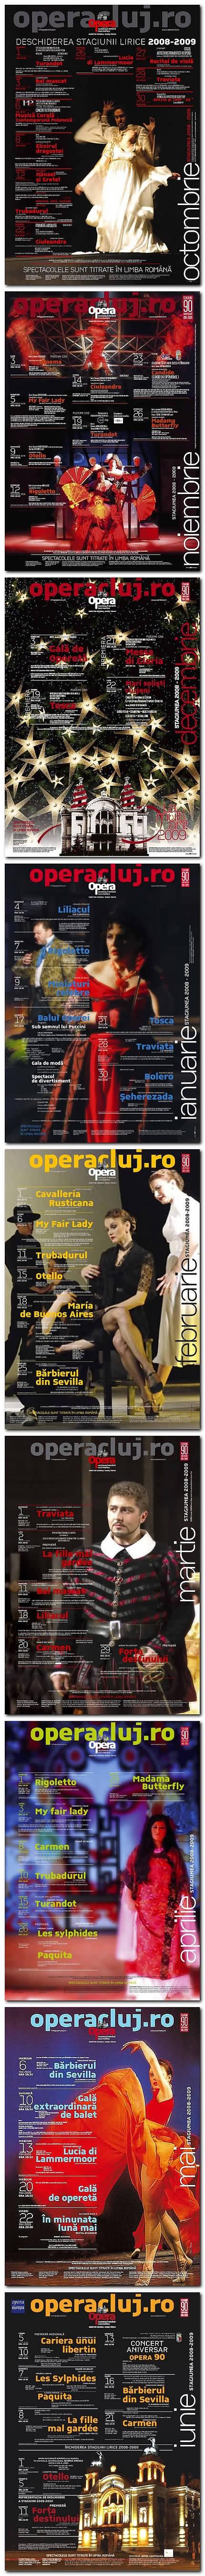 Afişe pentru stagiunea curentă, 2008-2009. Listări color, 100 x 70 cm. Design: Florin Florea.